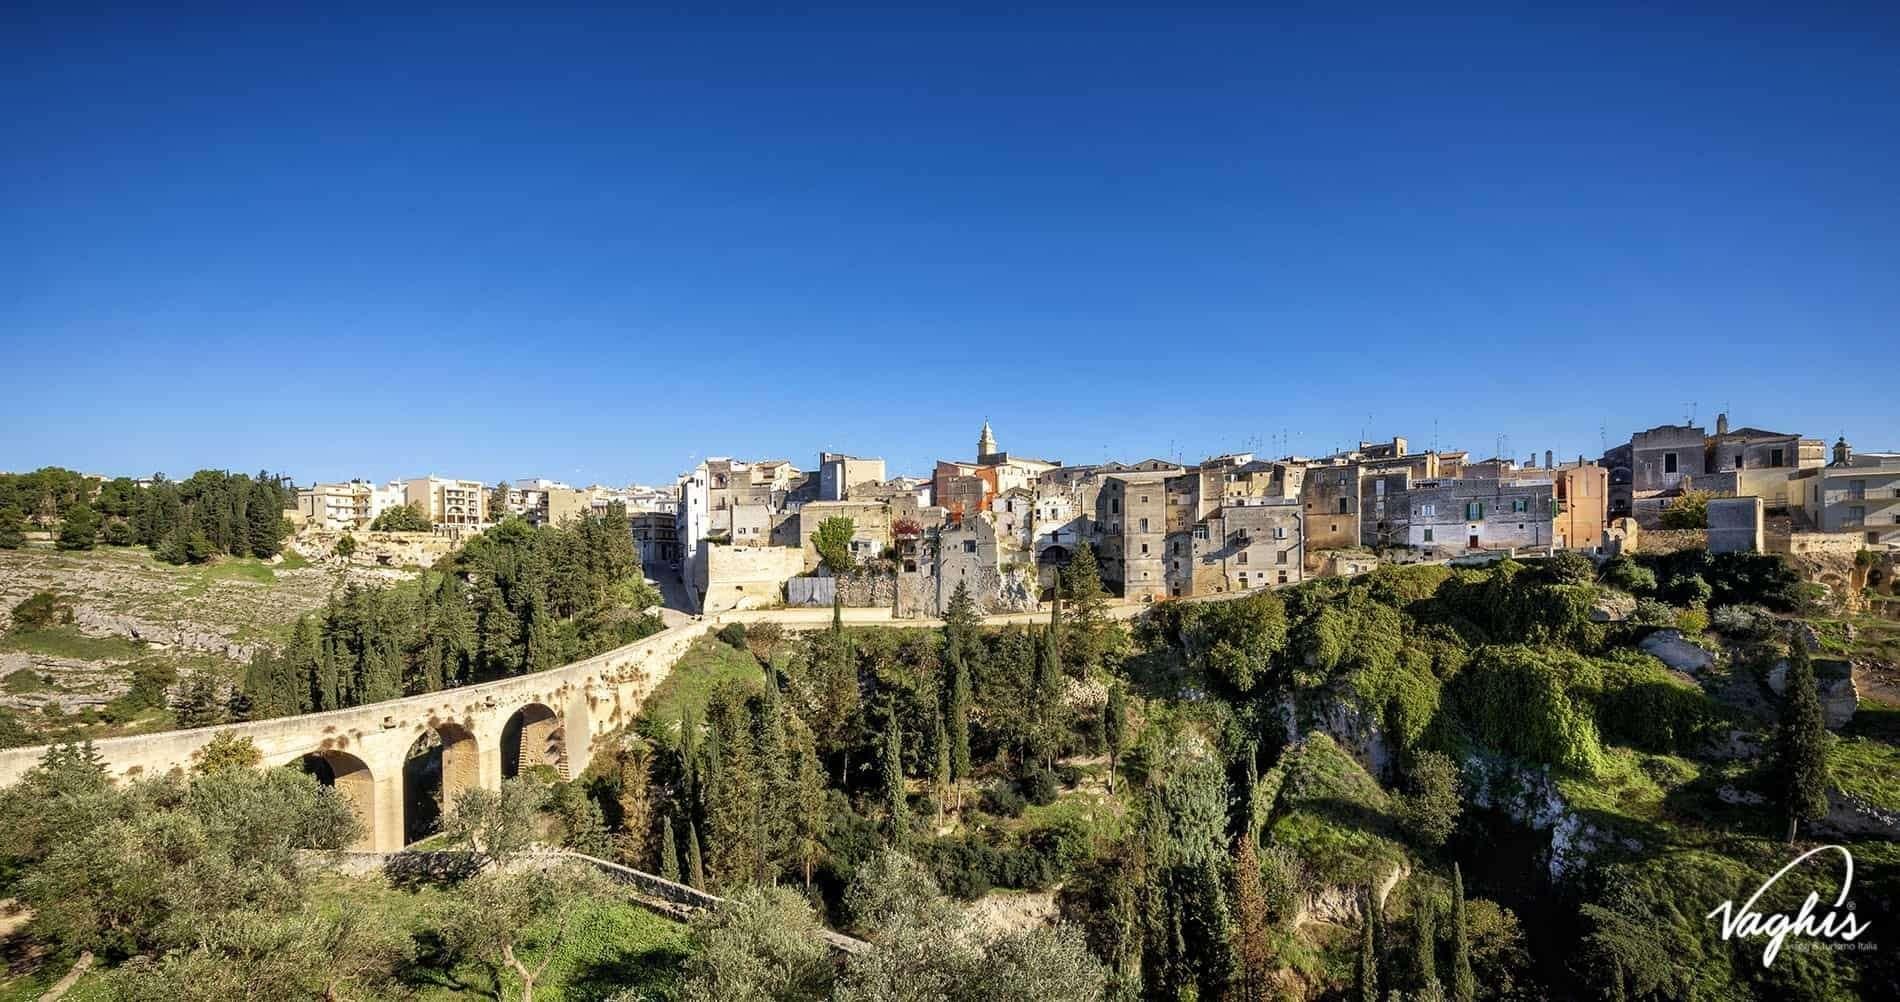 Gravina In Puglia Il Paese Scavato Nella Roccia